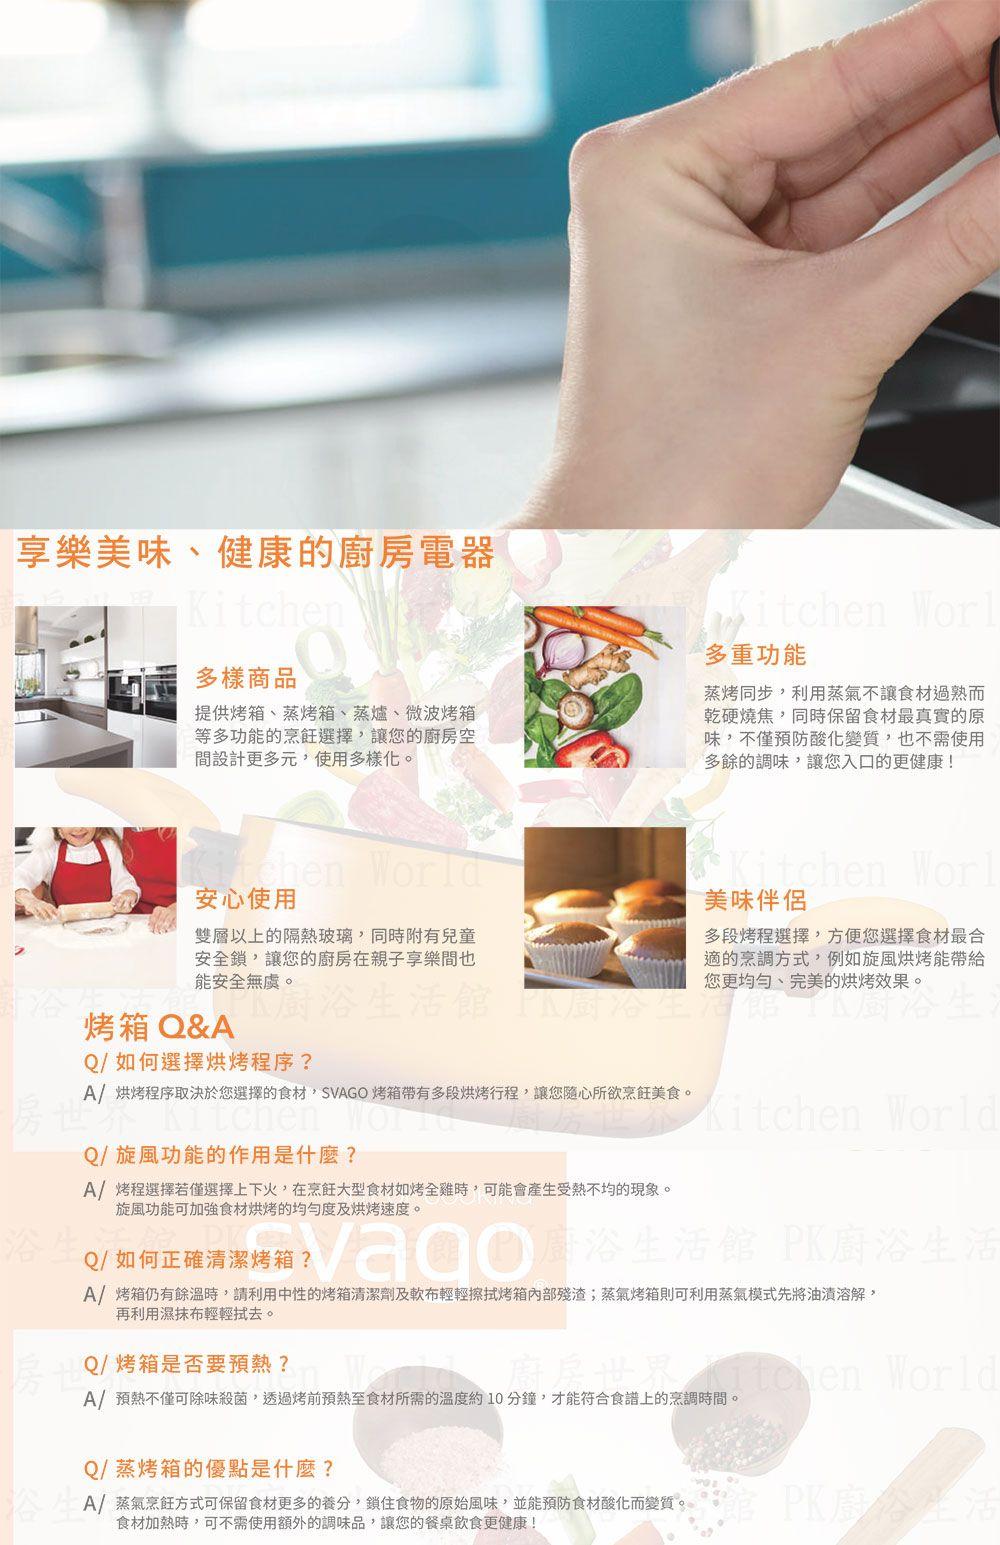 PK/goods/SVAGO/Oven/DM.jpg